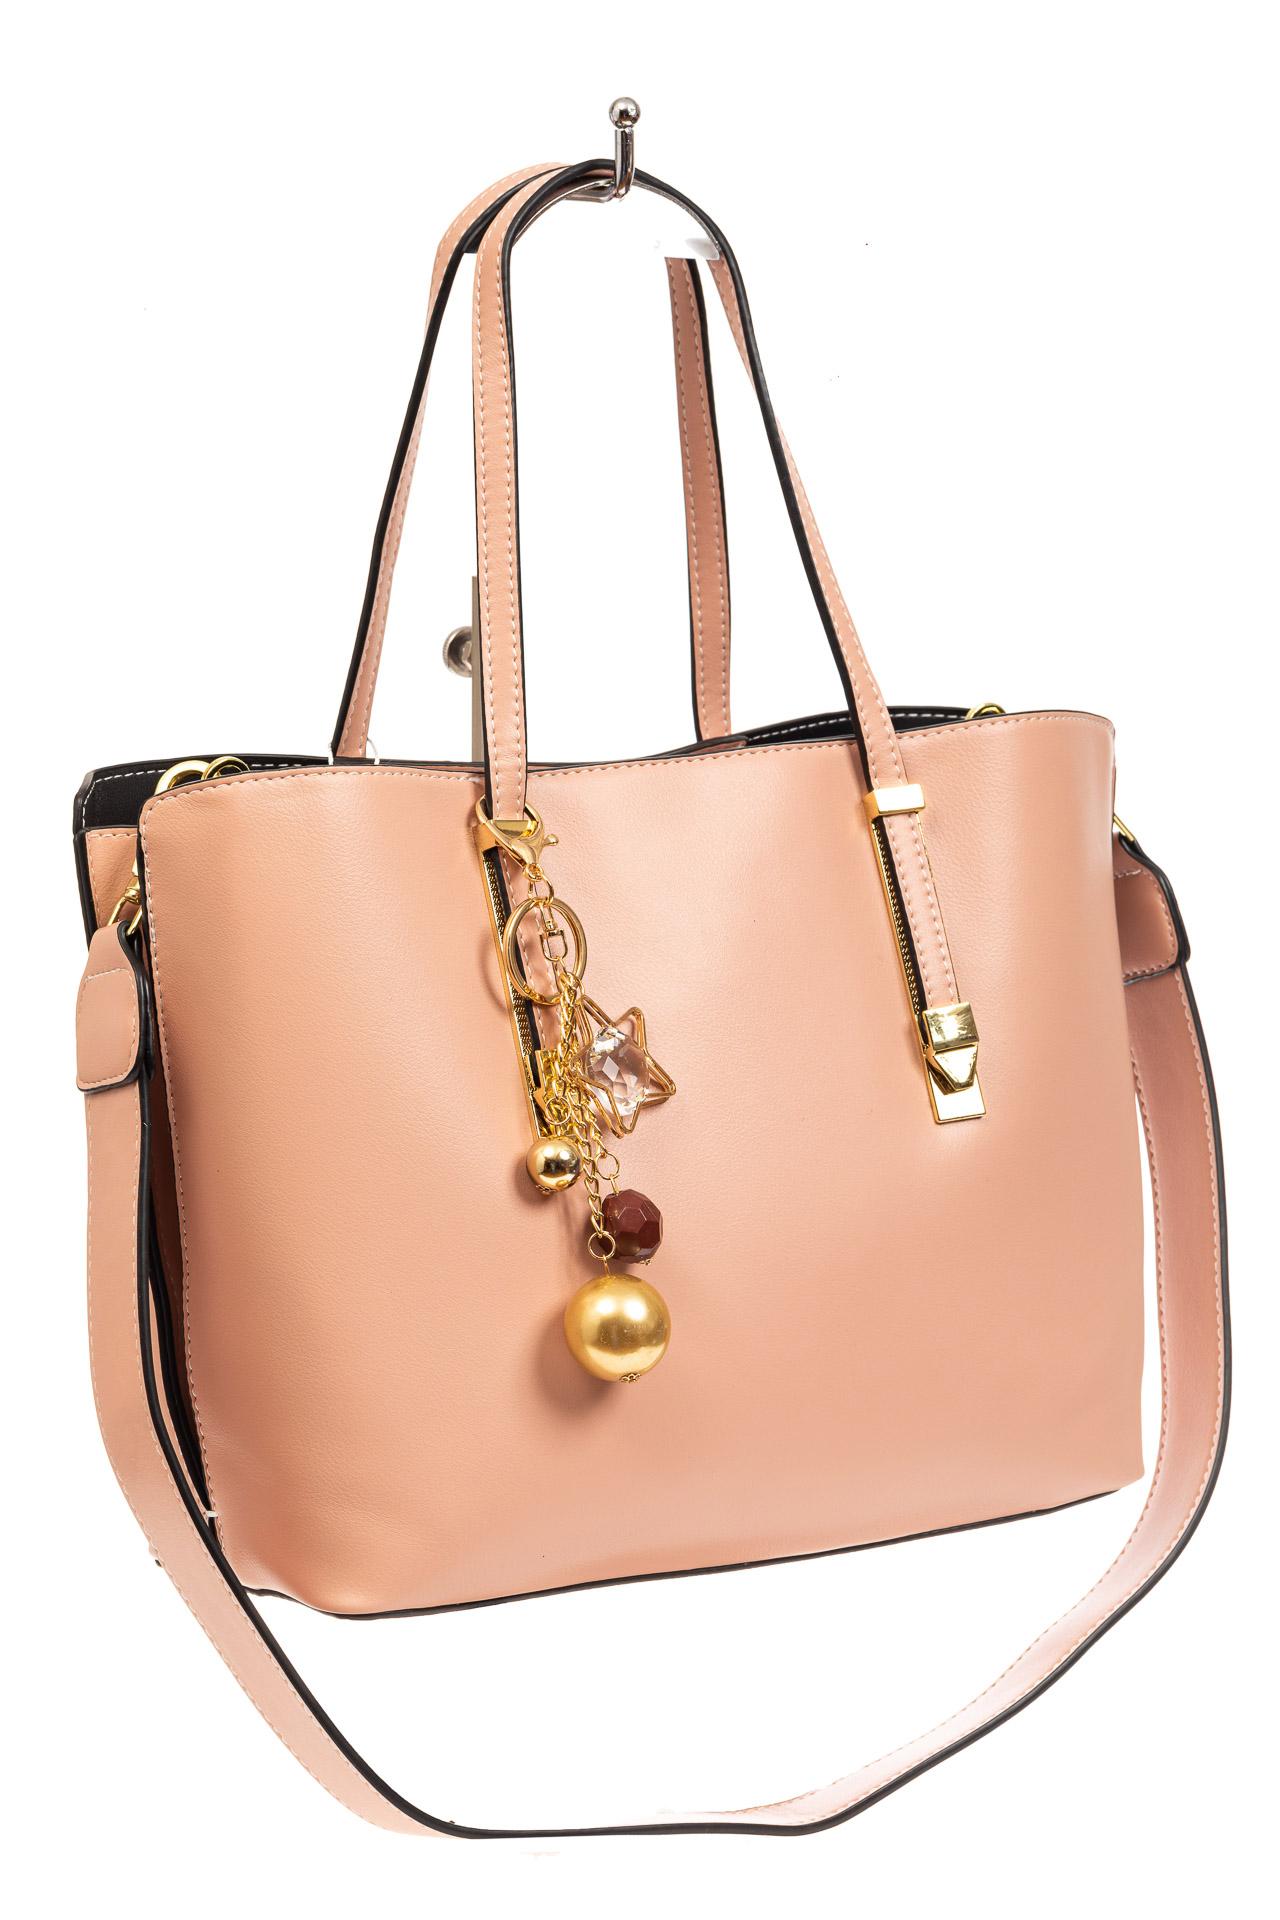 Женская сумка тоут из искусственной кожи, цвет розовый8670PJ0520/16